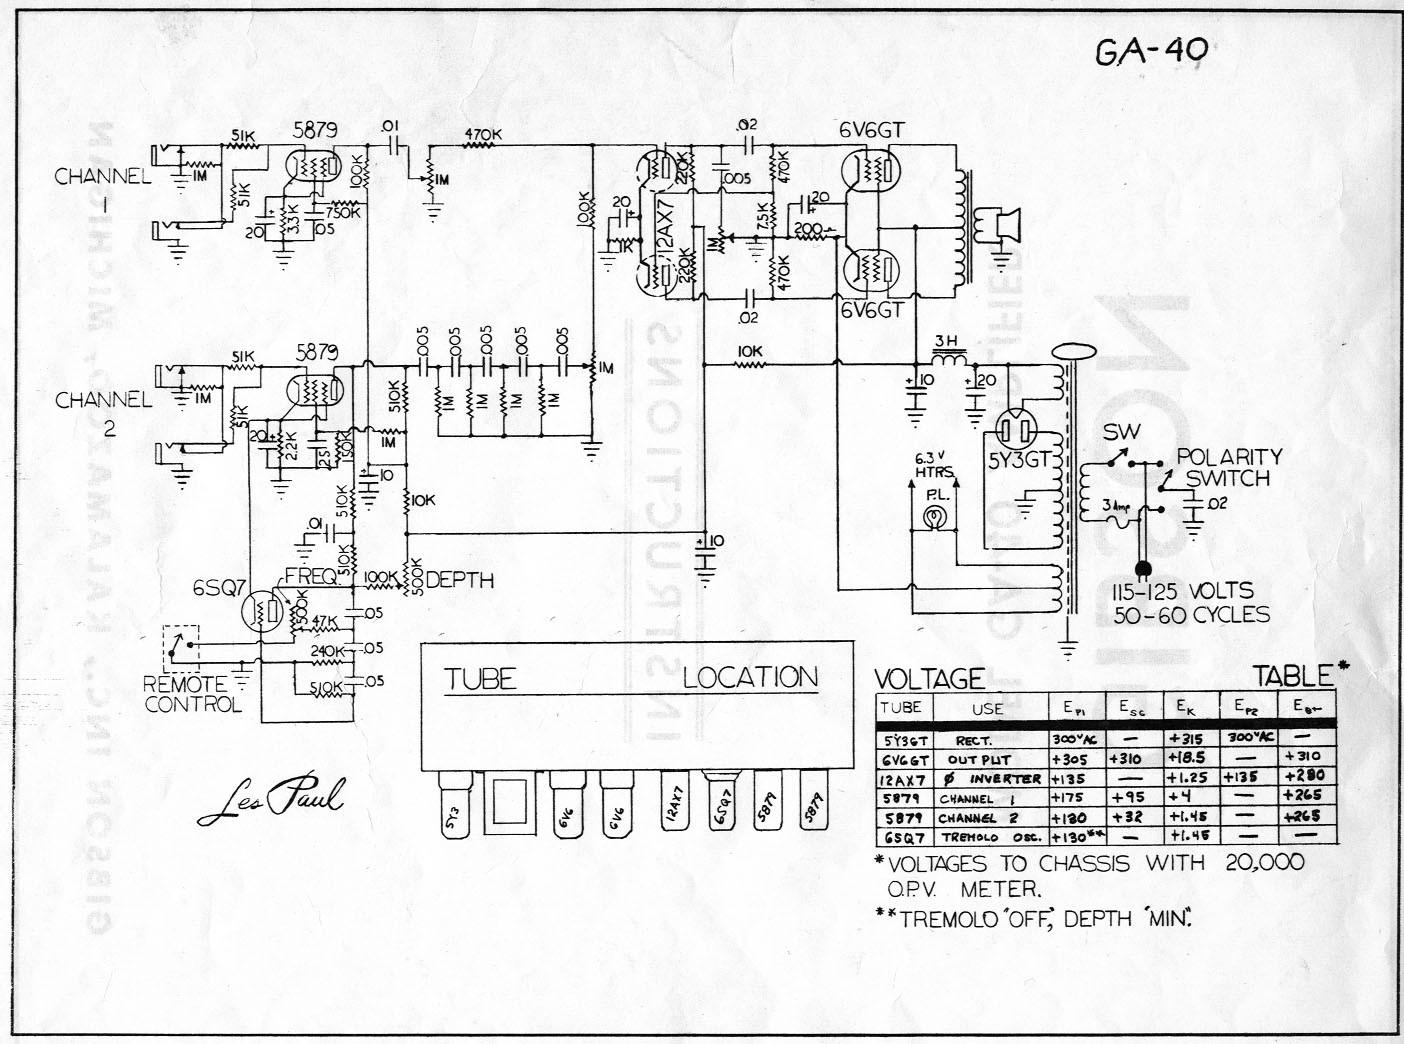 sg modern wiring diagram gibson explorer    wiring       wiring       diagram    image  gibson explorer    wiring       wiring       diagram    image